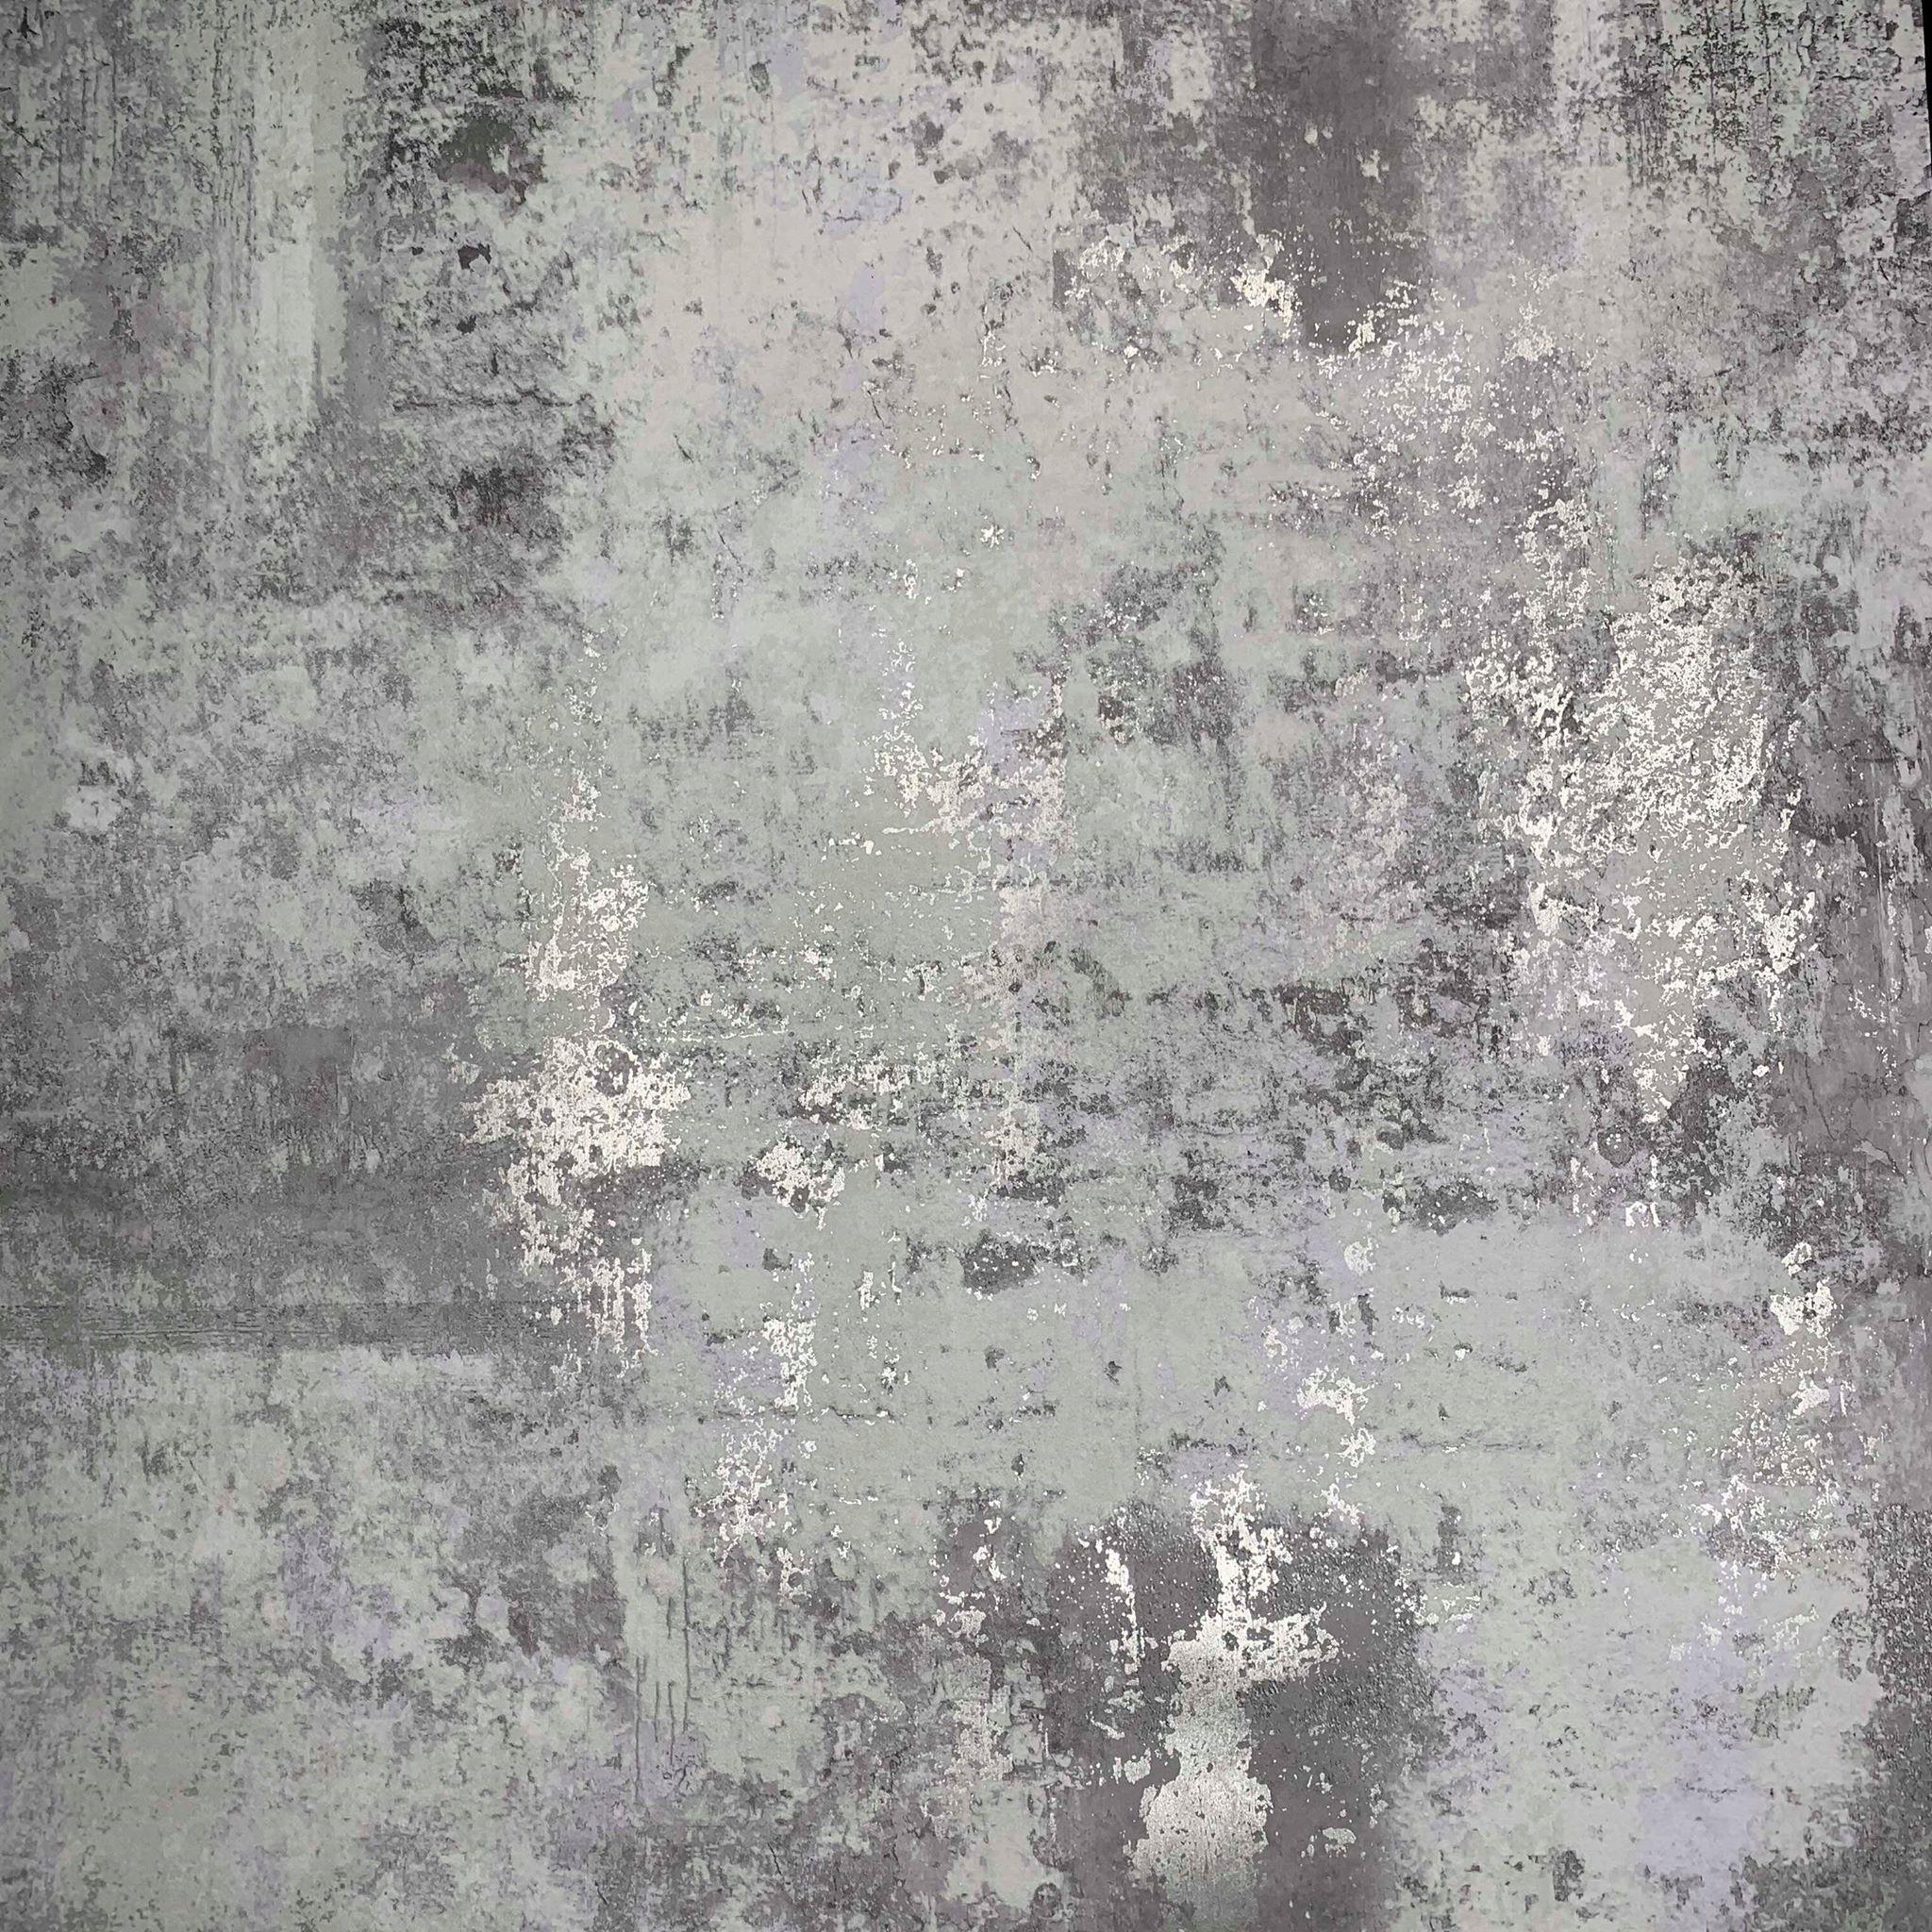 Exposed Metallic Industrial Texture Dark Grey 50103 Wallpaper Sales